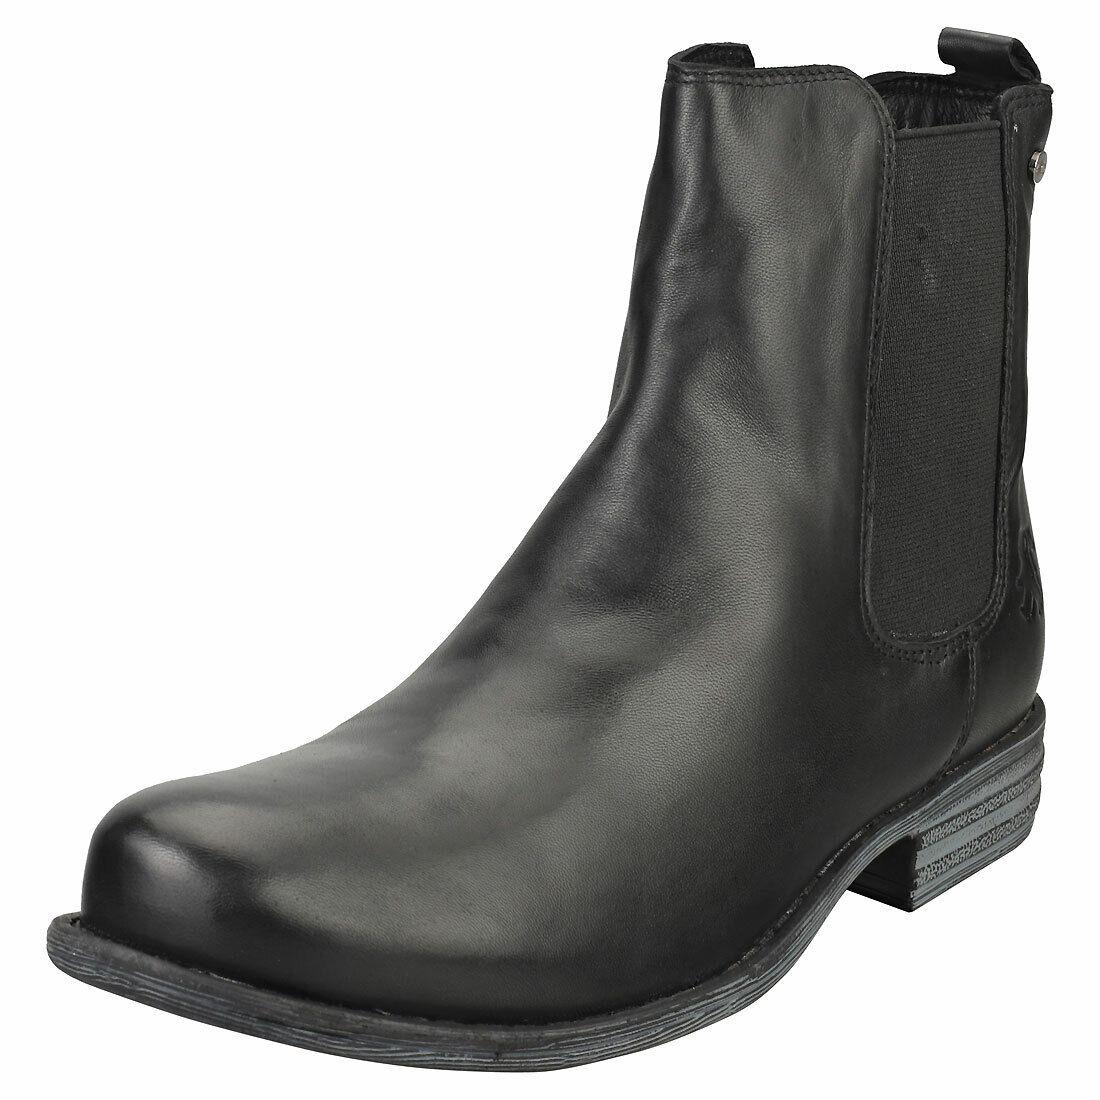 2go low heel señora botas de Black chelsea-UE 38